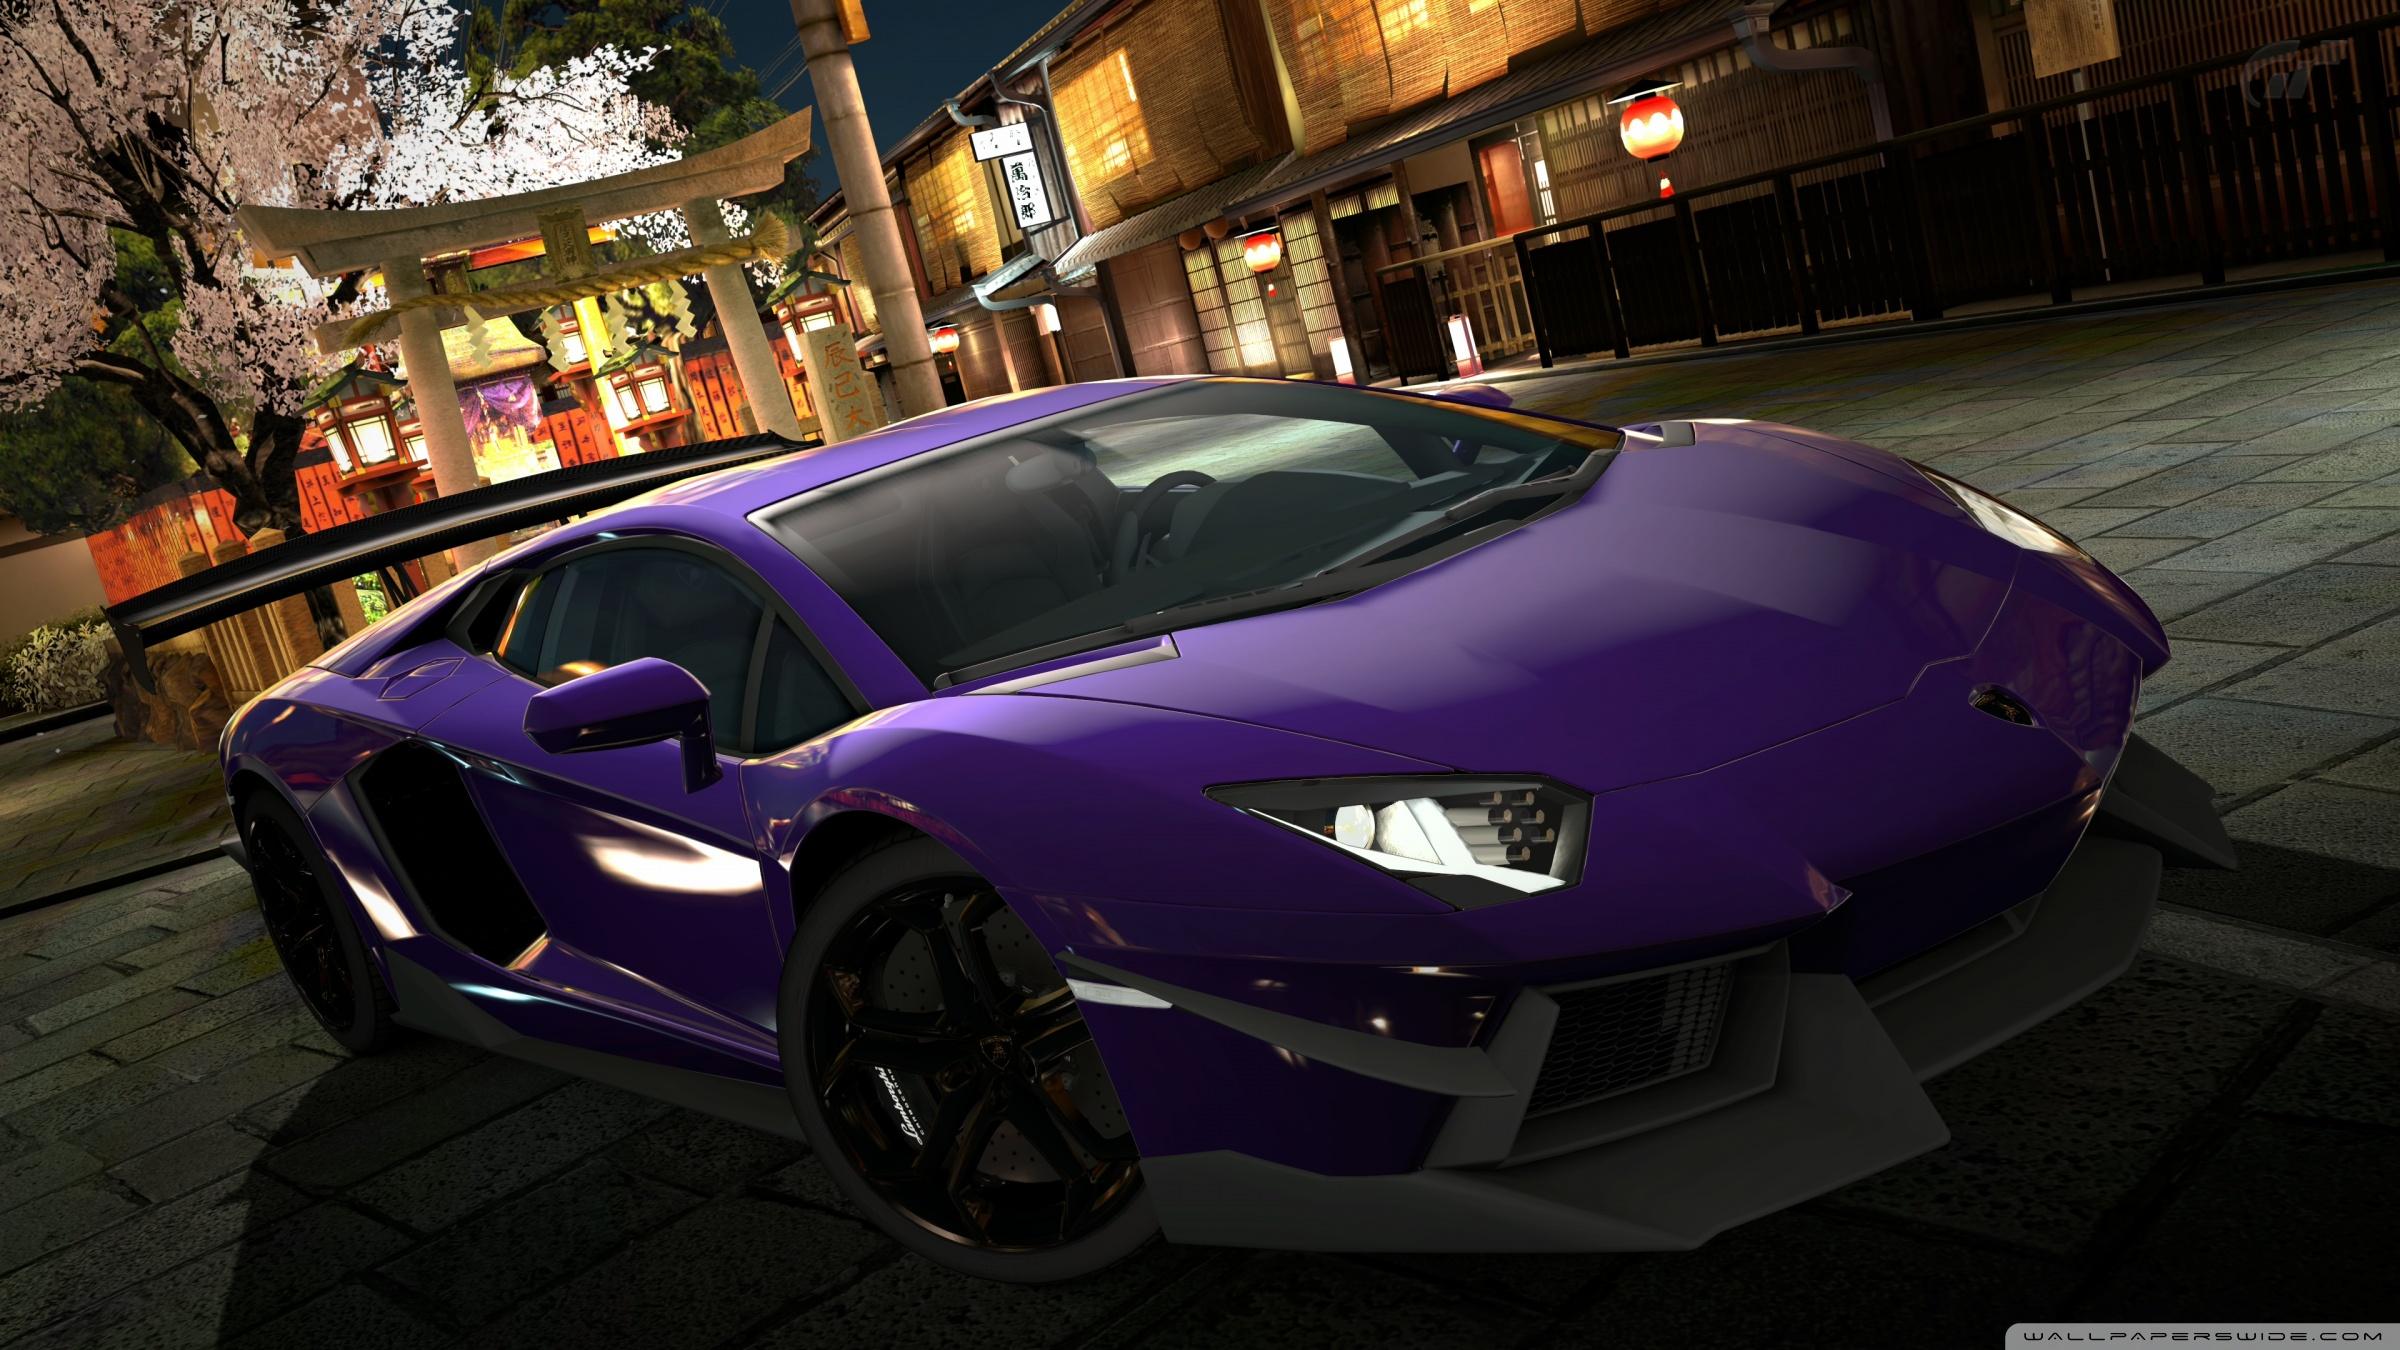 Purple Lamborghini Wallpaper BMW M6 Coupe F13 Black...